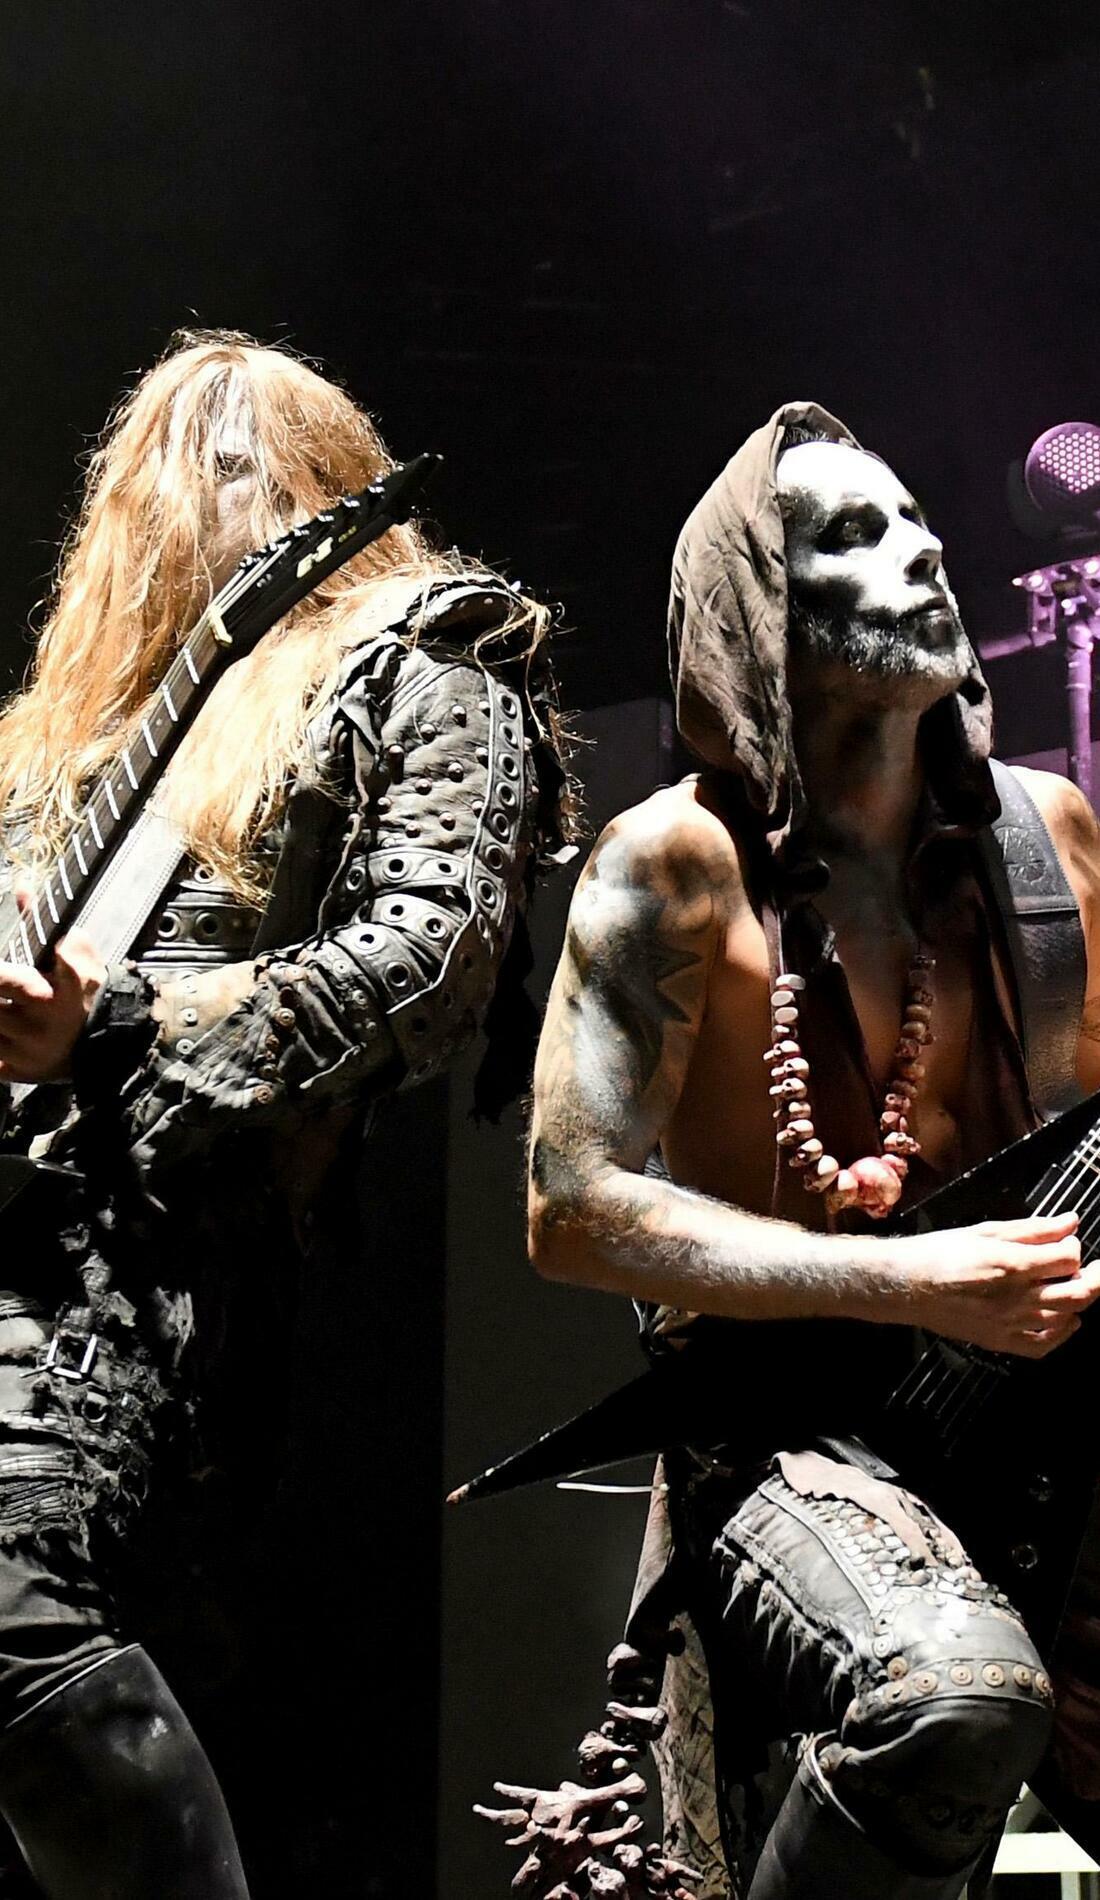 A Behemoth live event